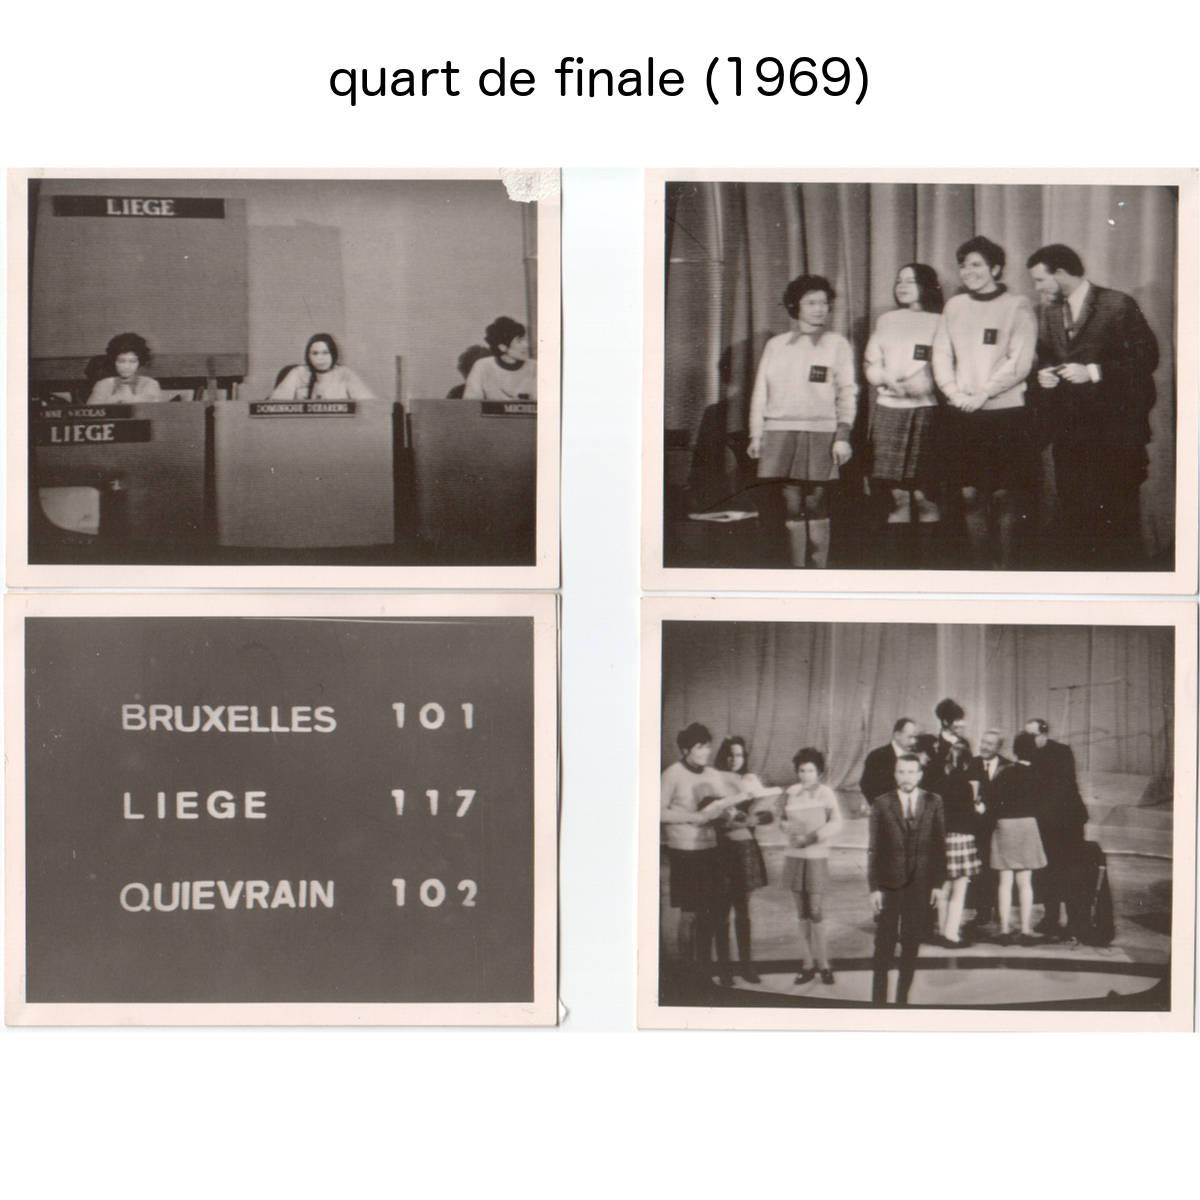 Télévision quart de finale